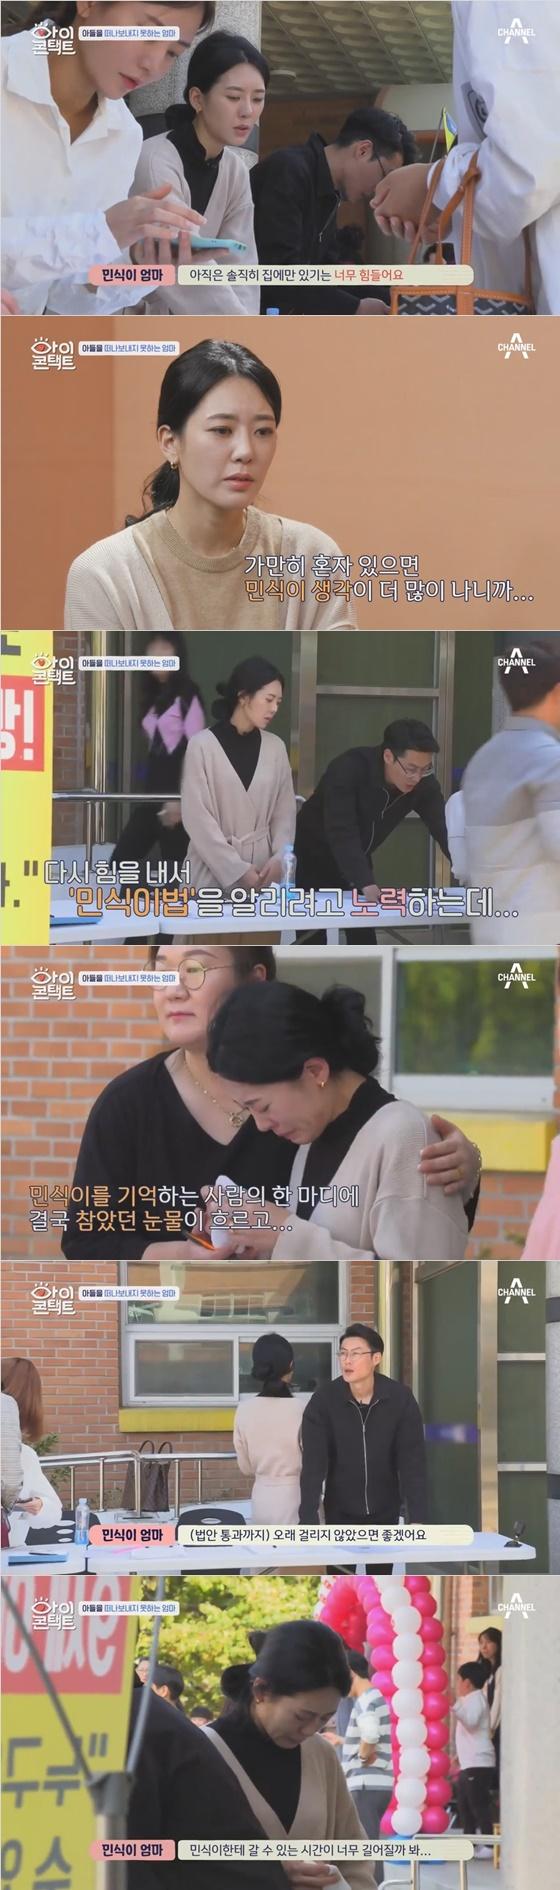 민식이법 /사진=채널A '아이콘택트' 방송화면 캡처